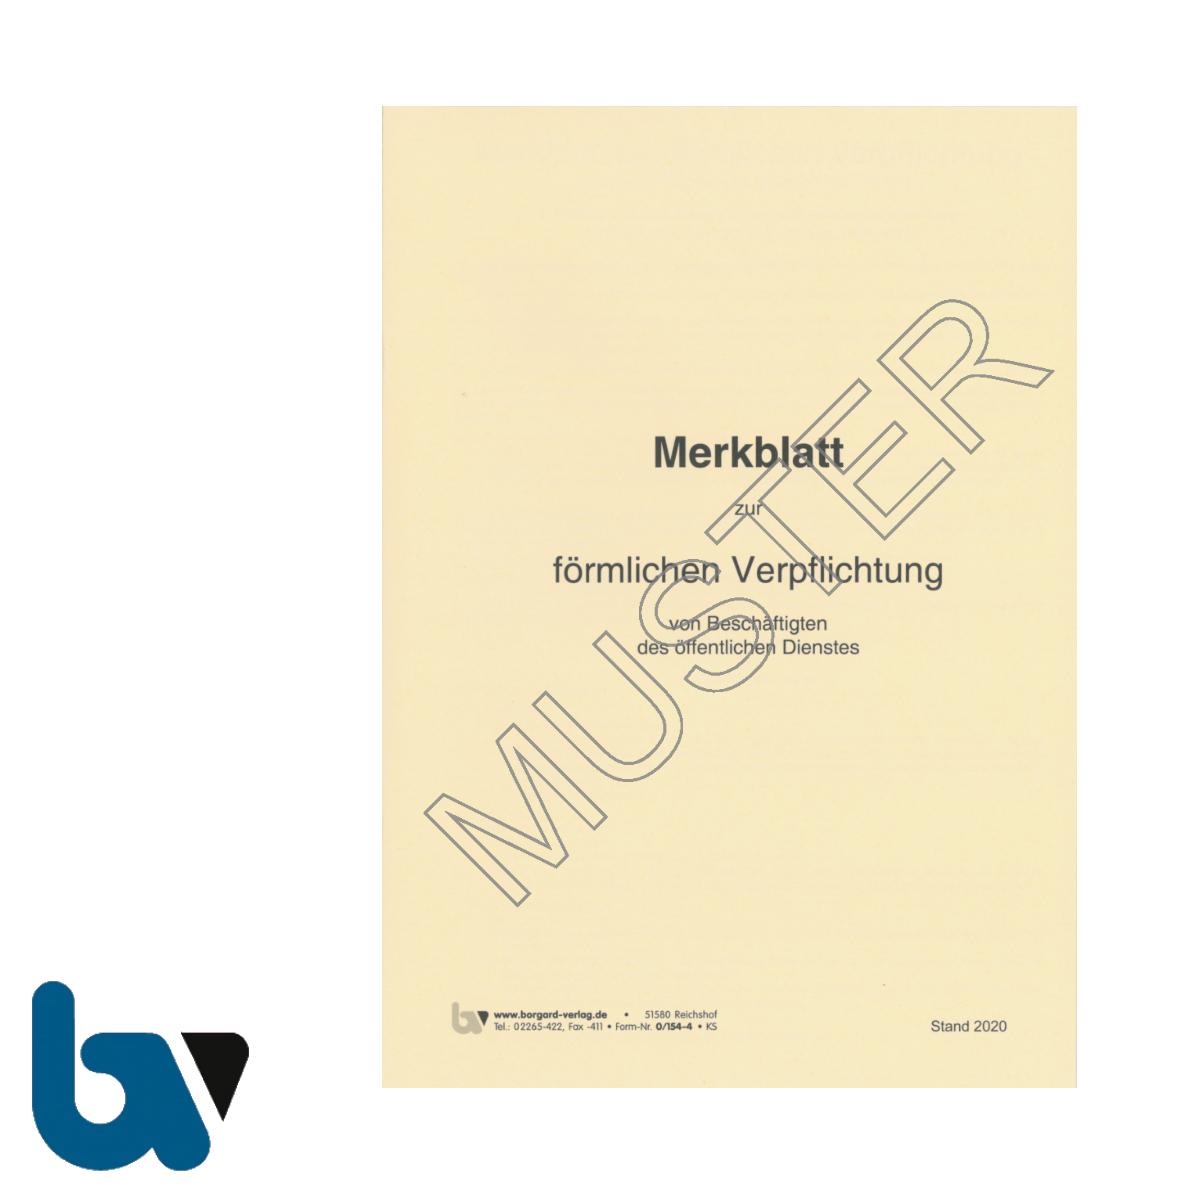 0/154-4 Merkblatt Förmliche Verpflichtung Beschäftigte Öffentlich Dienst Verpflichtungsgesetz Strafgesetzbuch Heft DIN A5 Vorderseite | Borgard Verlag GmbH